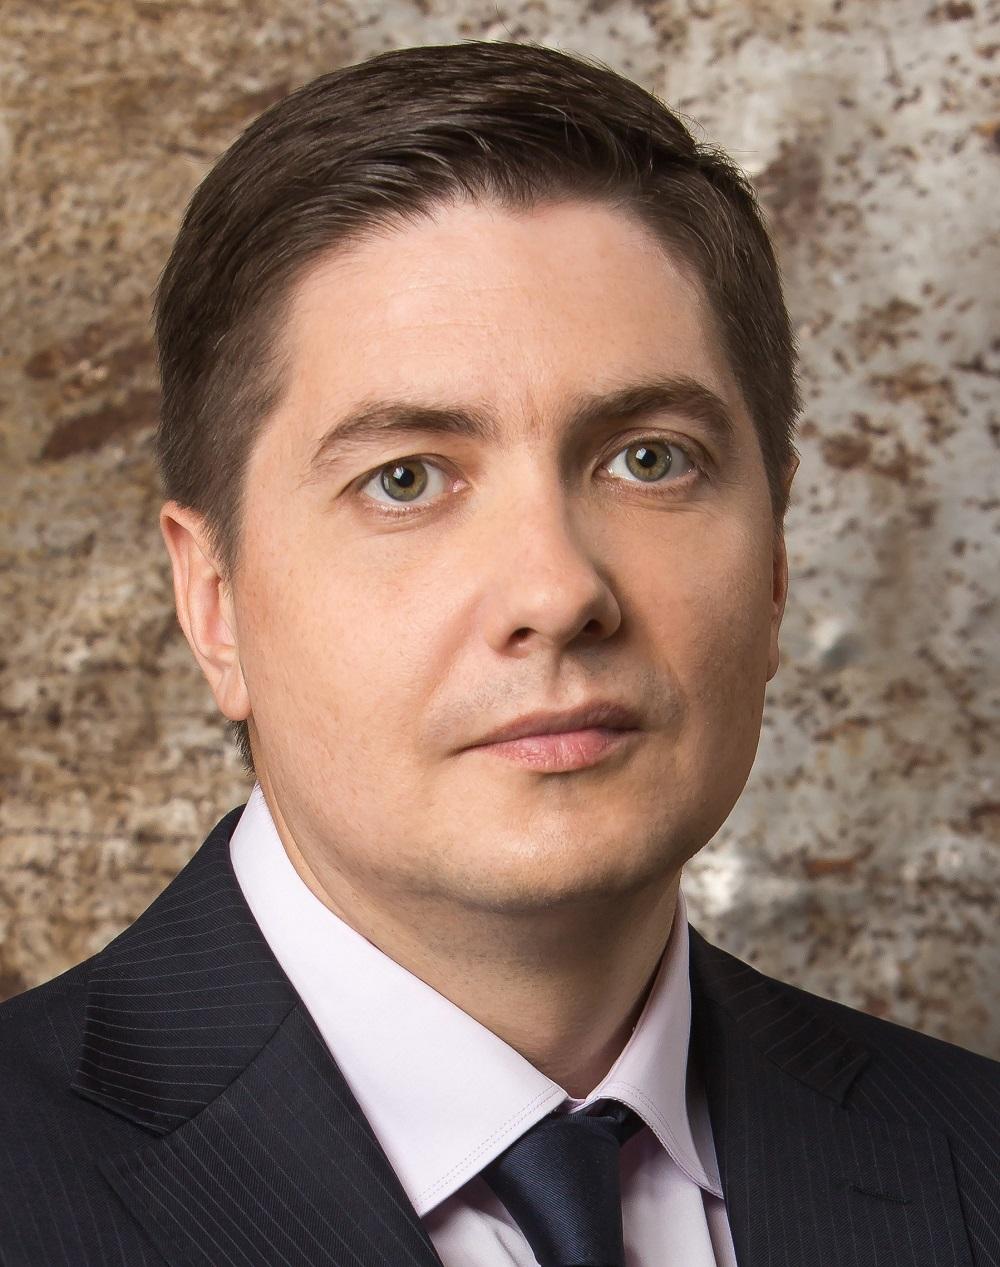 Орлов валерий игоревич адвокат